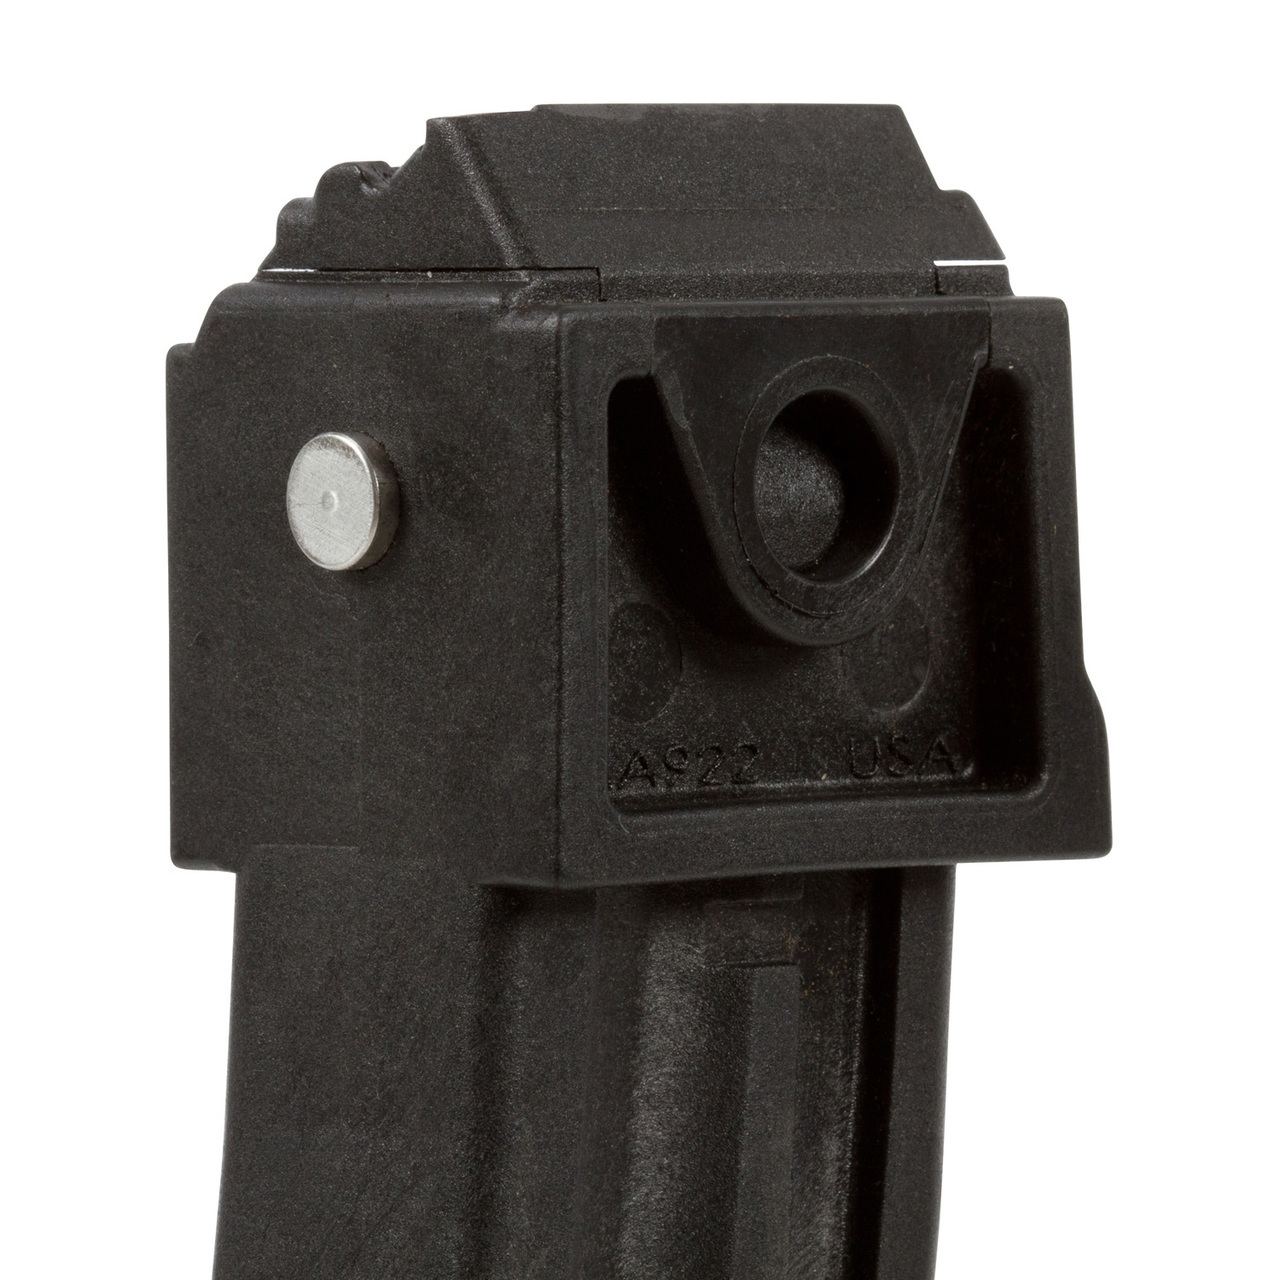 Archangel® 9-22 Magazine for Ruger® 10/22® .22 LR (10) Rd - Black Polymer